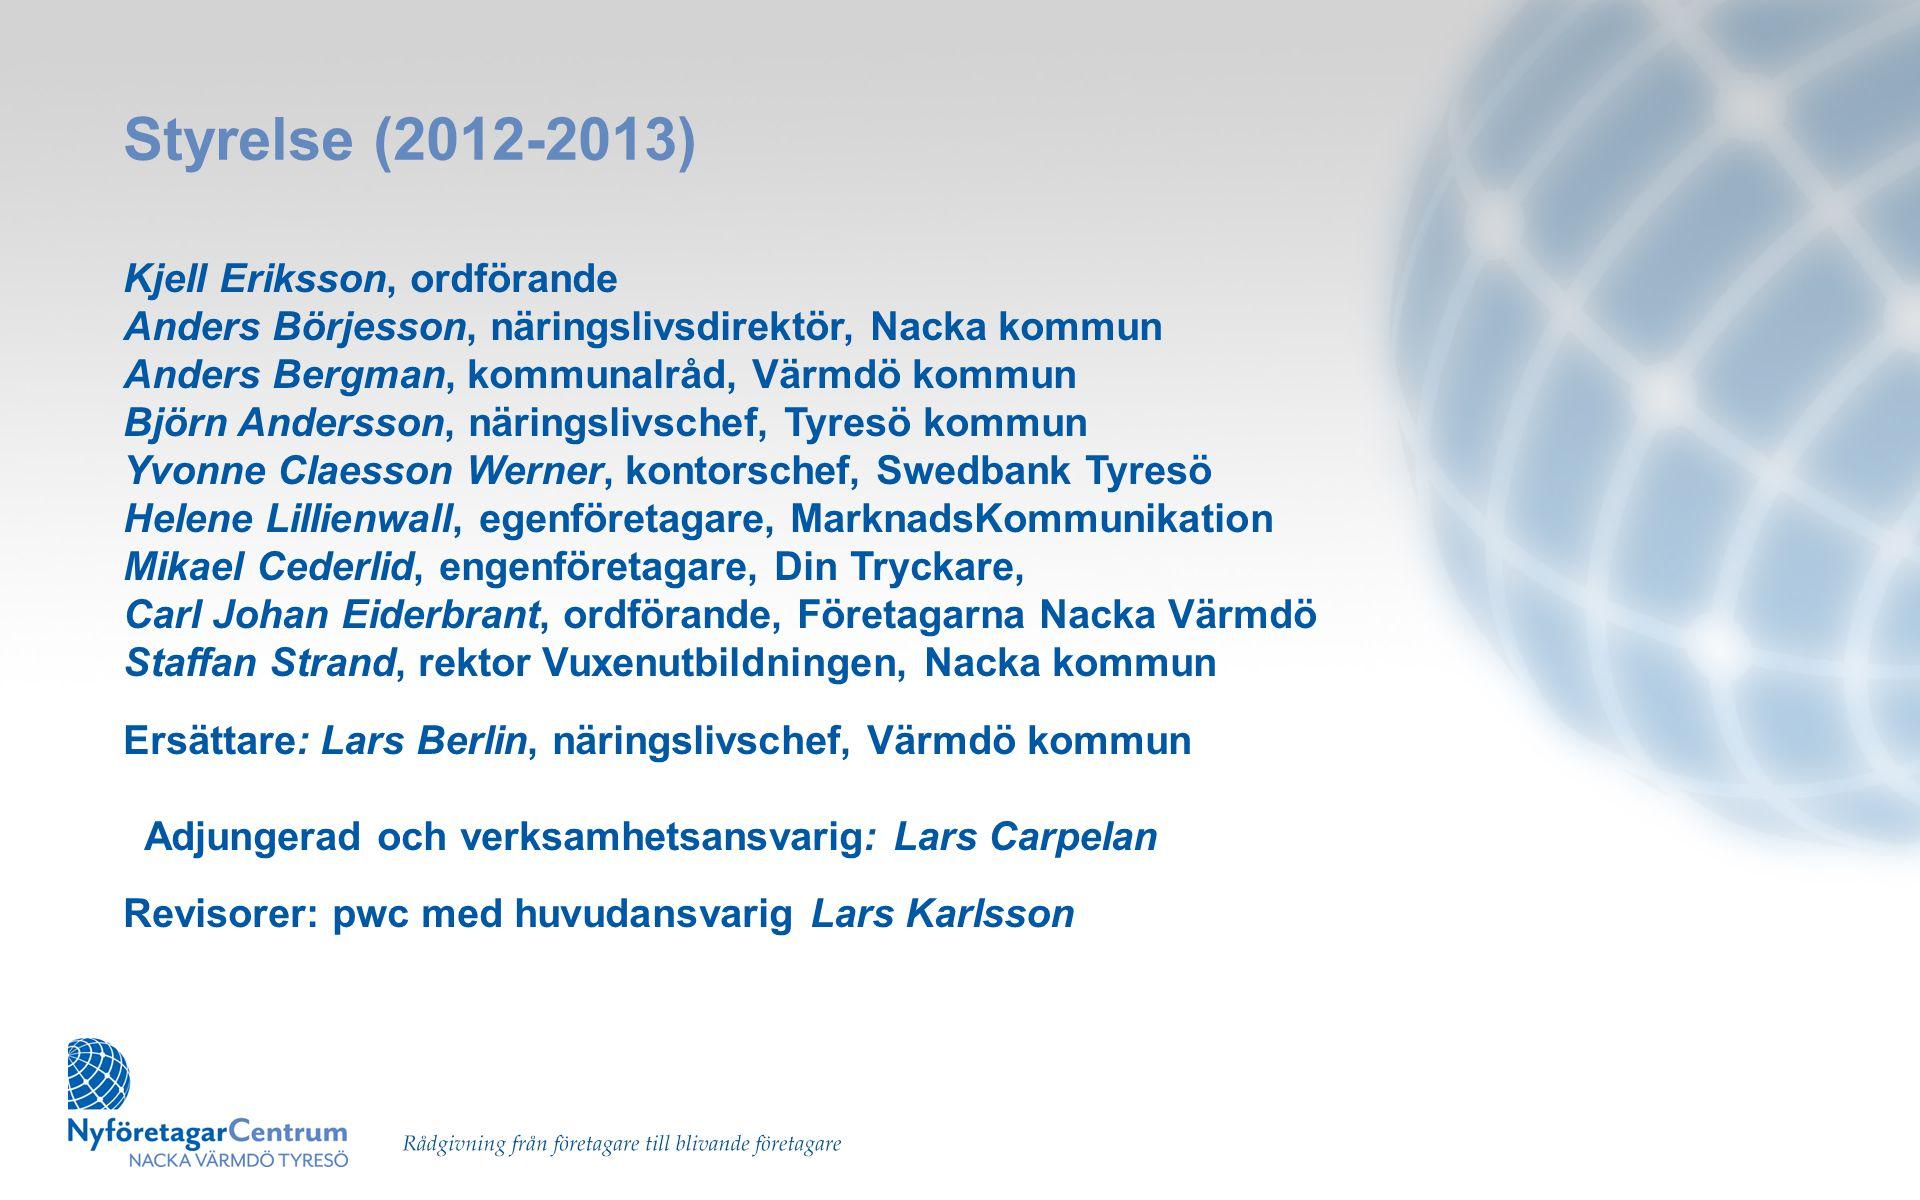 Styrelse (2012-2013) Kjell Eriksson, ordförande Anders Börjesson, näringslivsdirektör, Nacka kommun Anders Bergman, kommunalråd, Värmdö kommun Björn A